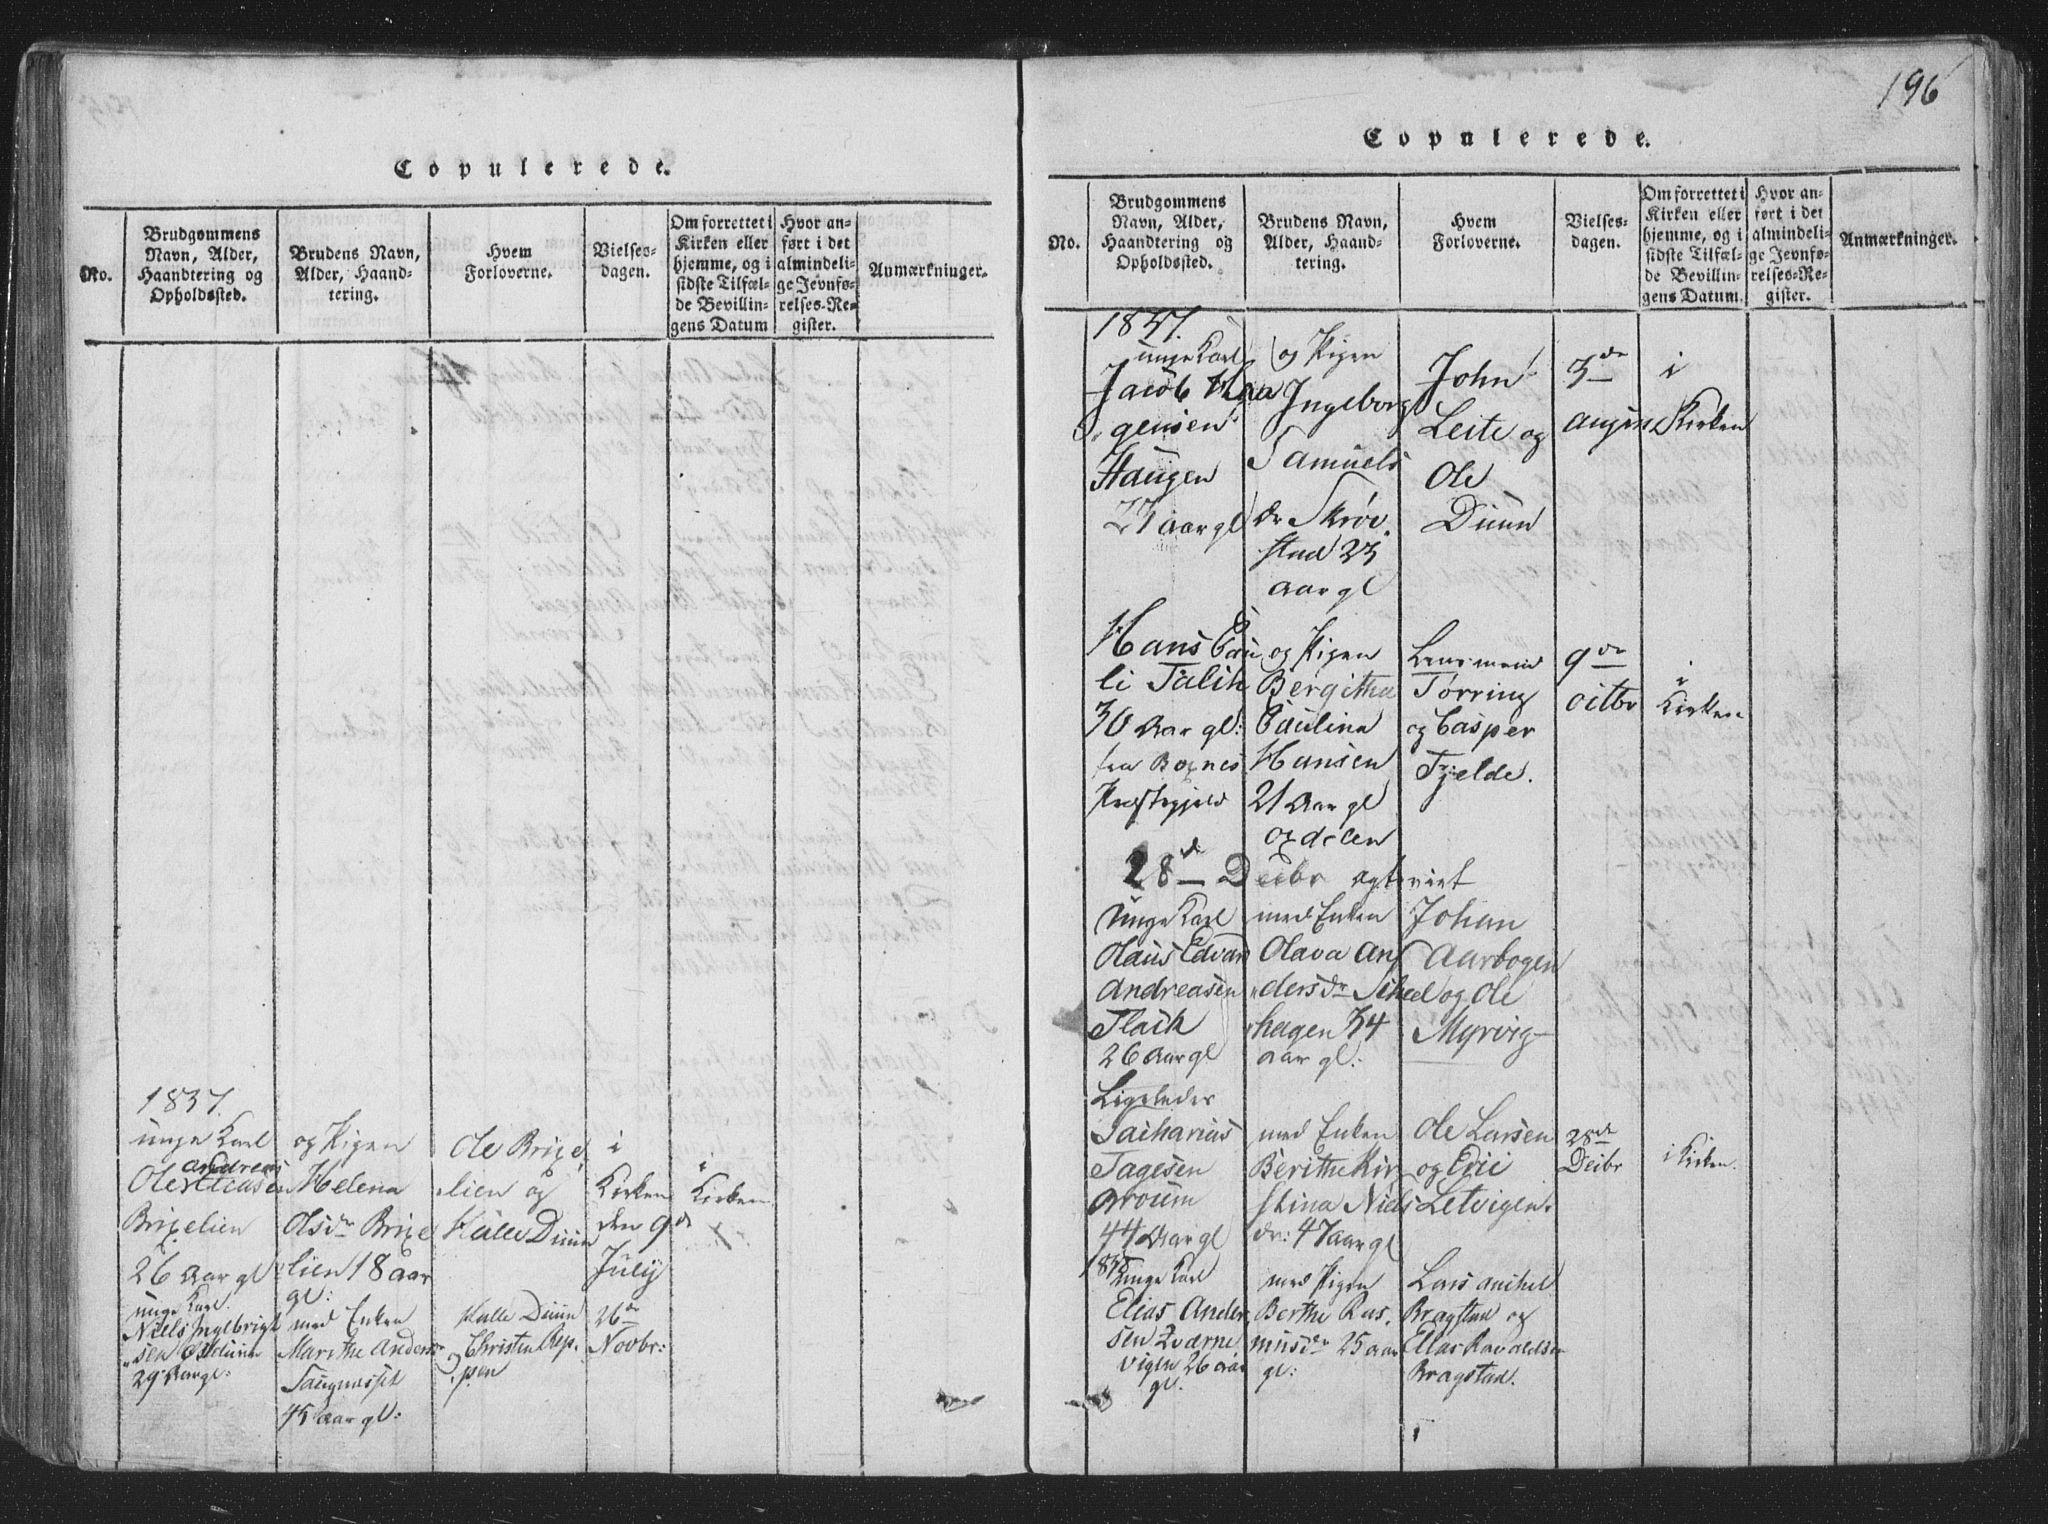 SAT, Ministerialprotokoller, klokkerbøker og fødselsregistre - Nord-Trøndelag, 773/L0613: Ministerialbok nr. 773A04, 1815-1845, s. 196